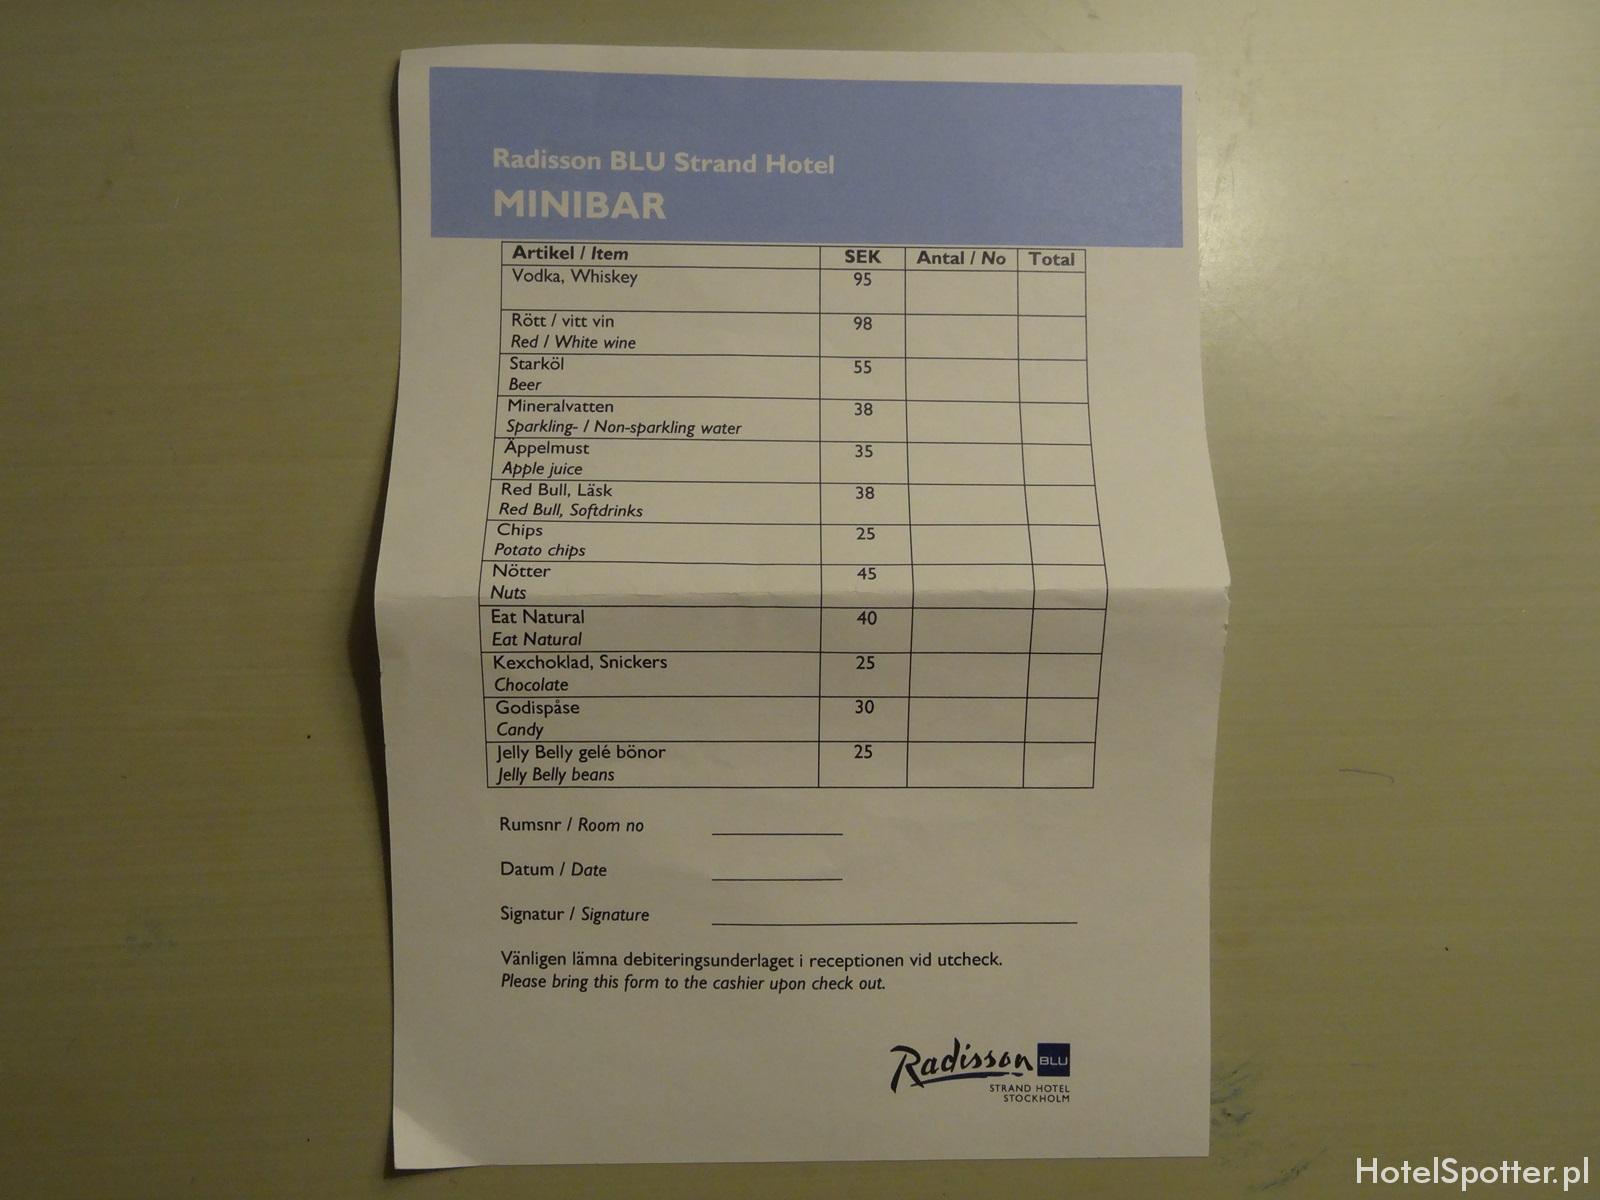 Radisson Blu Strand Hotel, Stockholm - ceny w minibarze